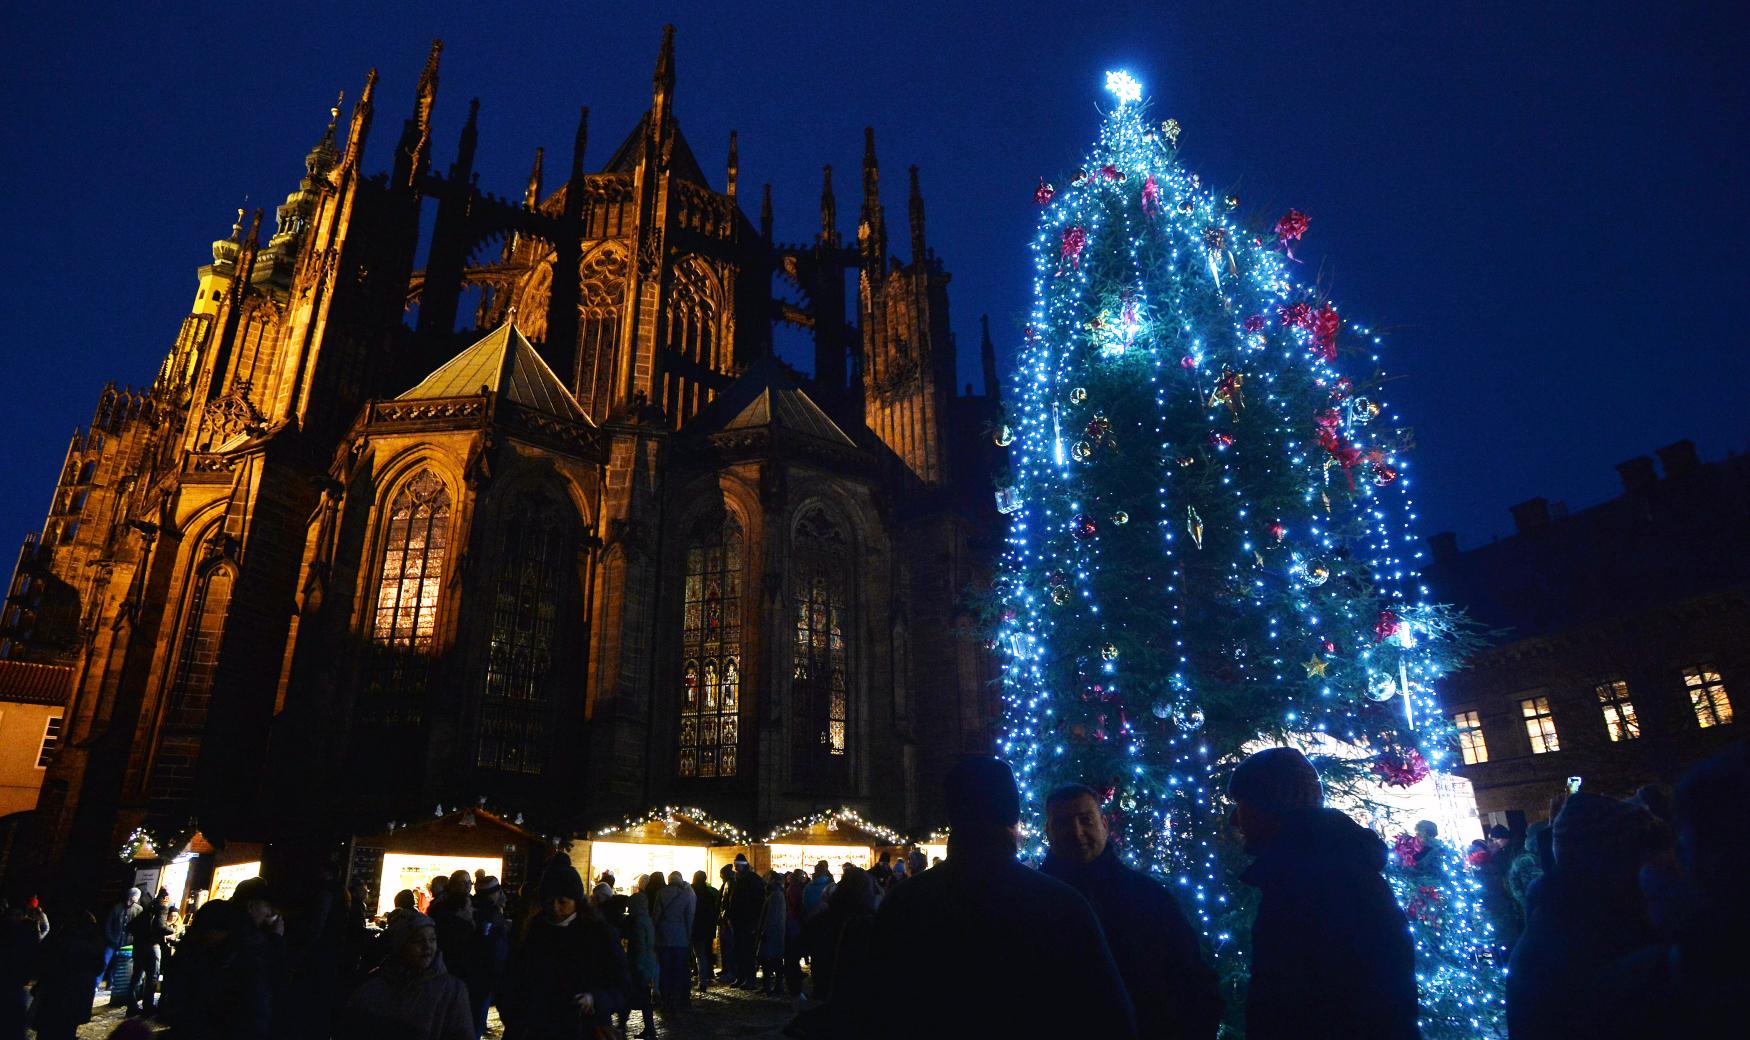 První dáma Ivana Zemanová rozsvítila vánoční strom na Pražském hradě